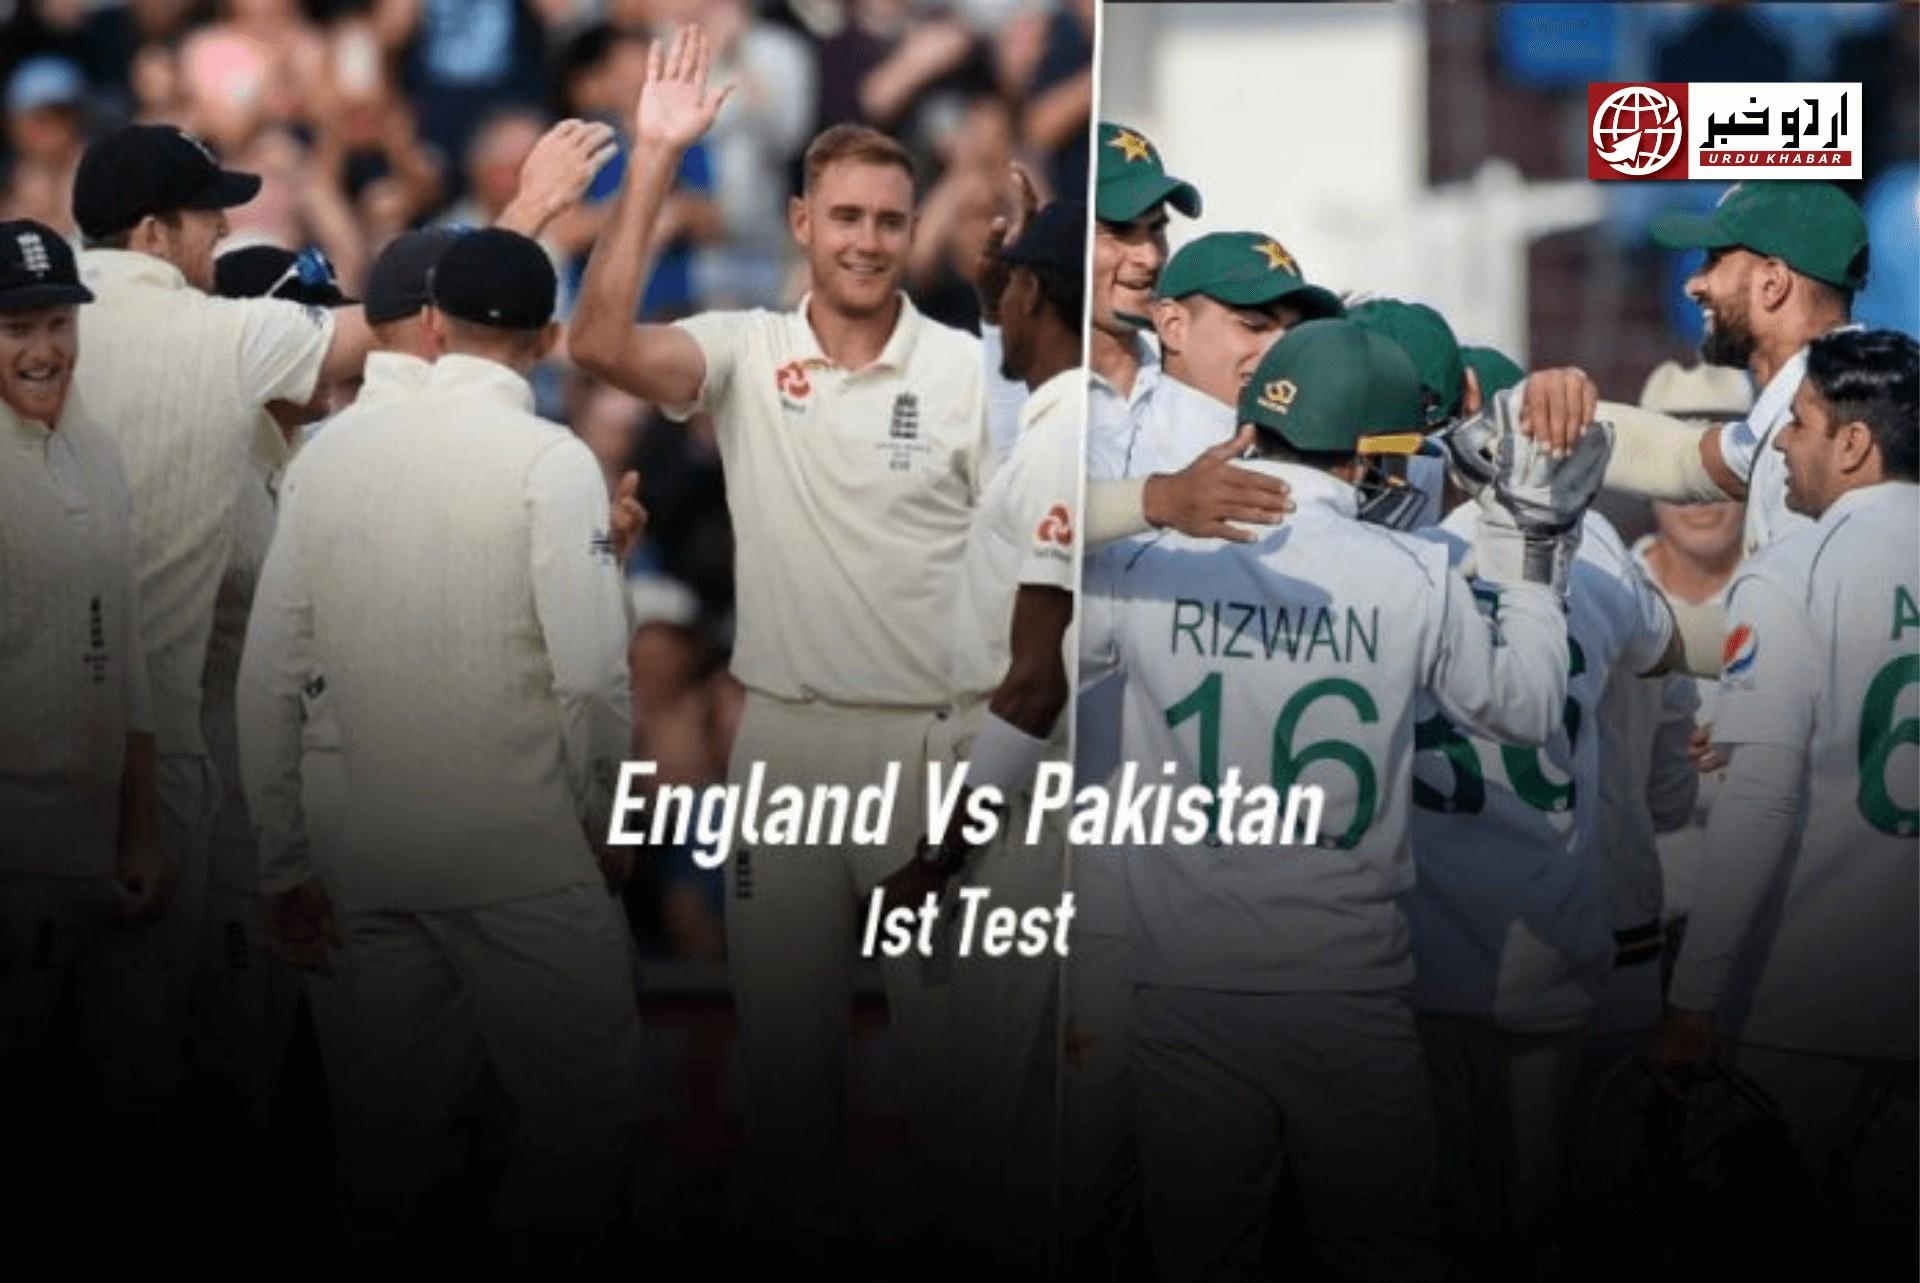 پہلے ٹیسٹ میچ کے لئے پاکستان اور انگلینڈ کی تیاریاں